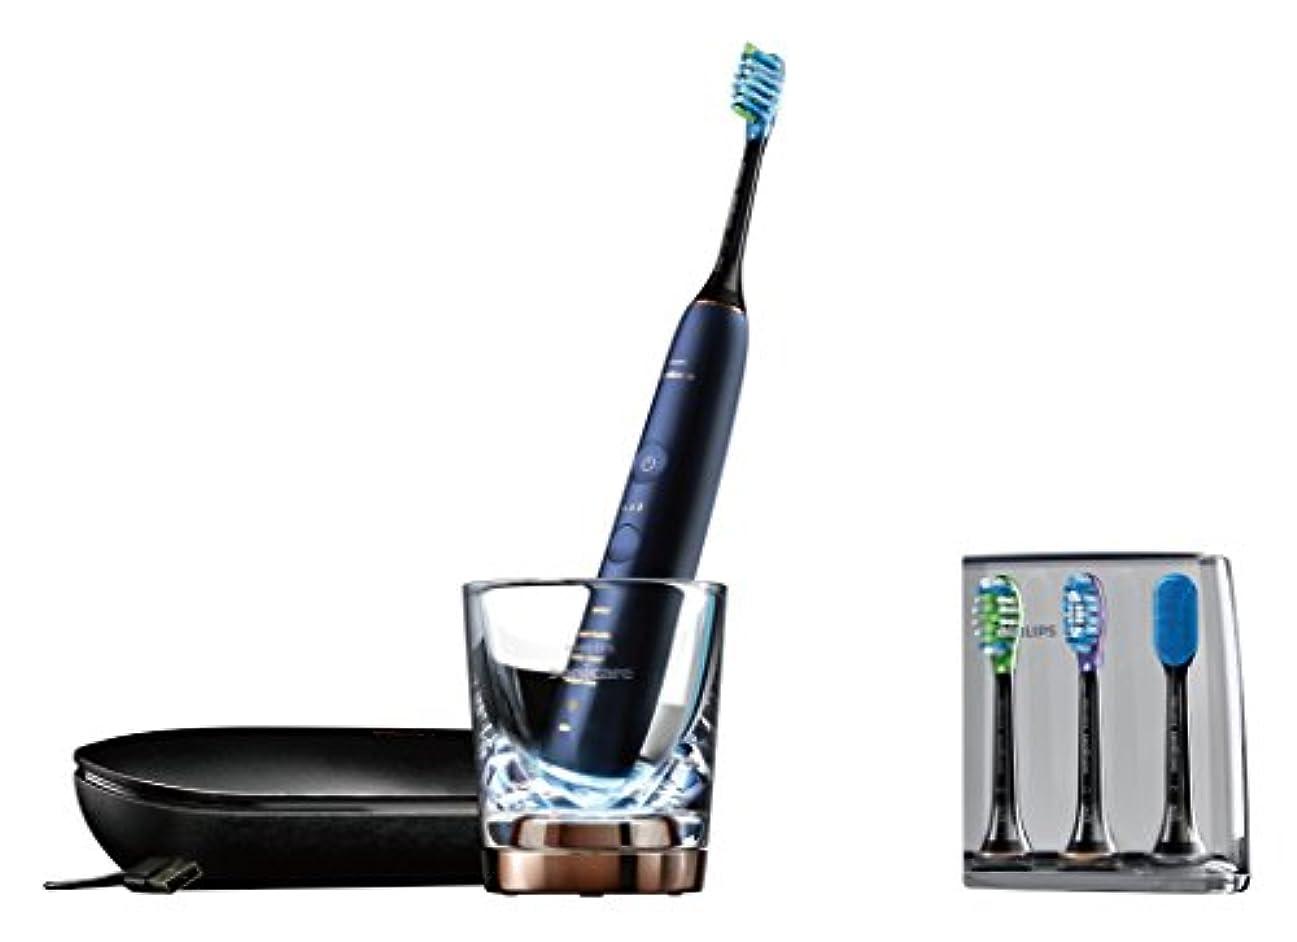 鷲息苦しい特権フィリップス ソニッケアー ダイヤモンドクリーン スマート 電動歯ブラシ ルナーブルー HX9964/55